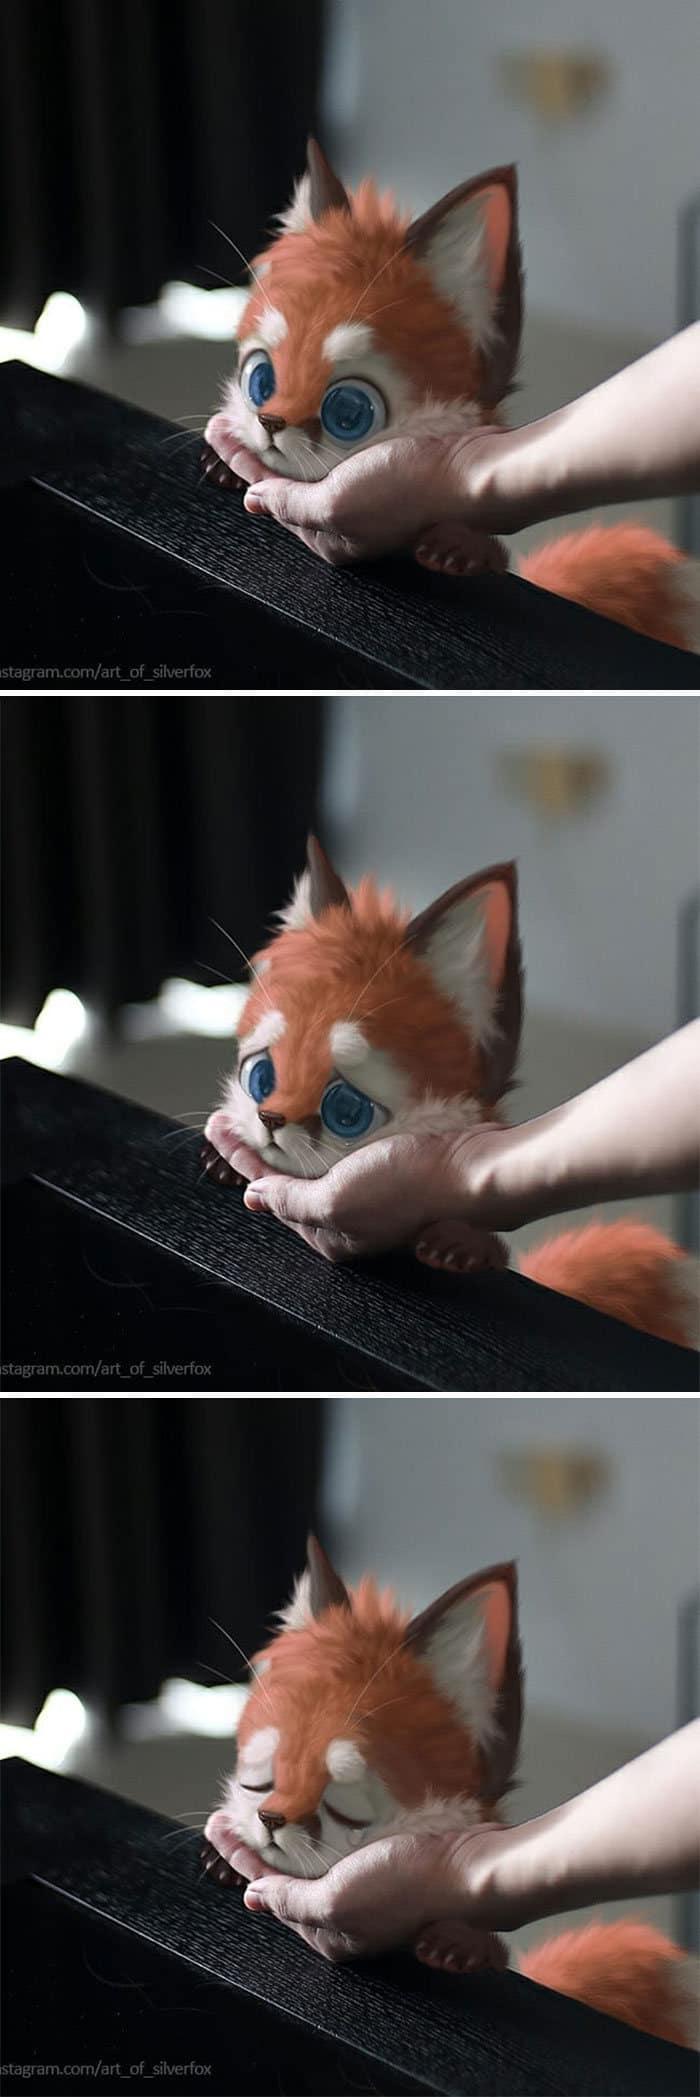 Artista coloca animais peludos digitais em situações da vida real em cenários do dia a dia 30